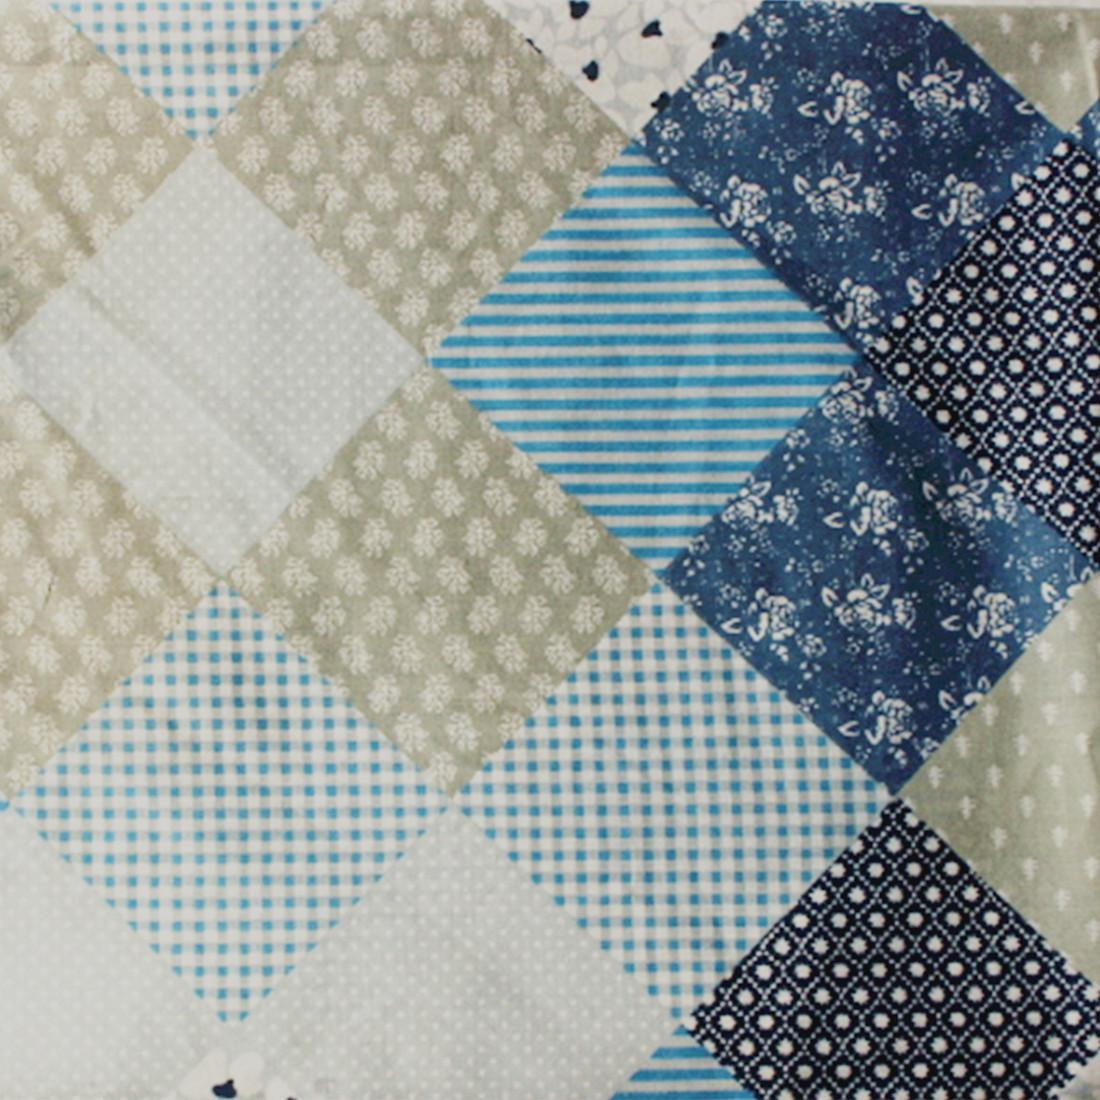 JIAMEN Vải Chiffon & Printing 100% cotton vải muslin nhà máy bán hàng trực tiếp giường mềm mại và th